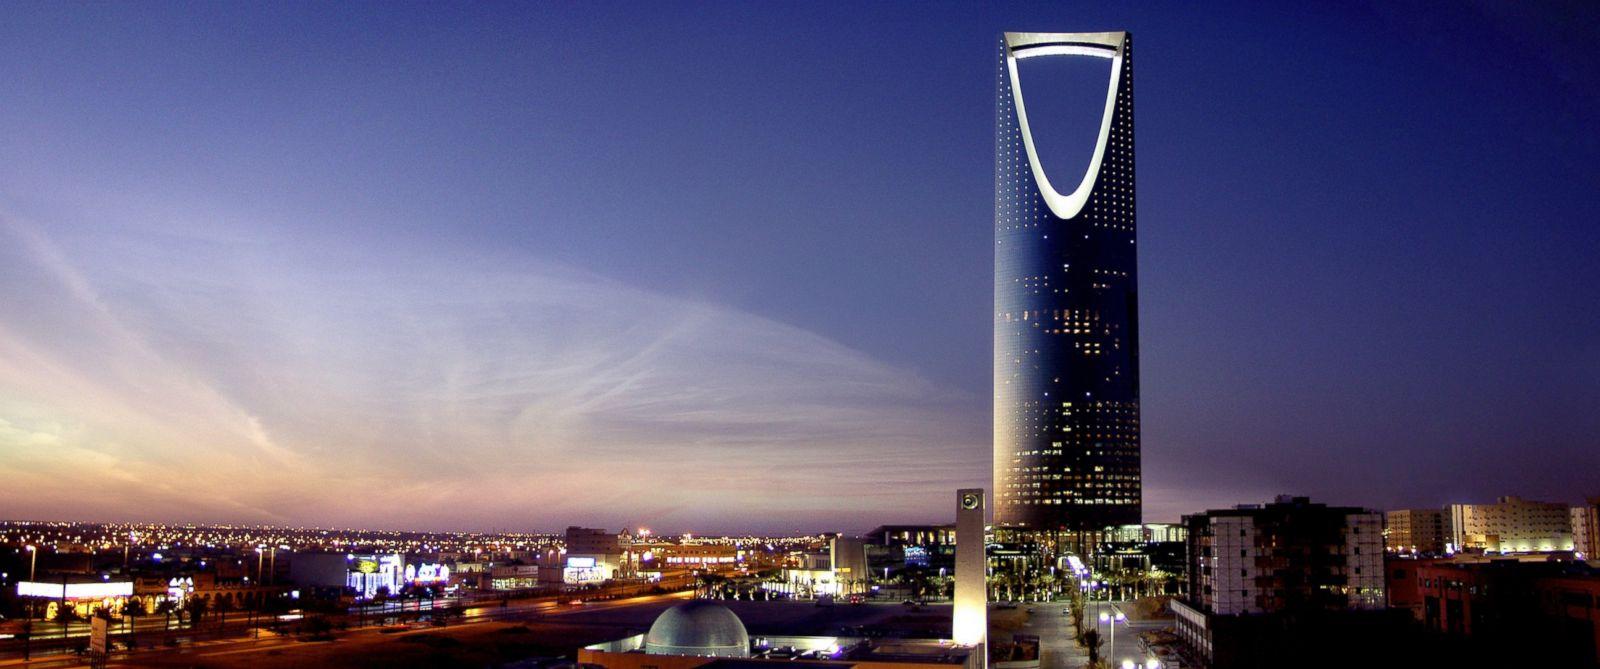 saudi arabia - photo #40